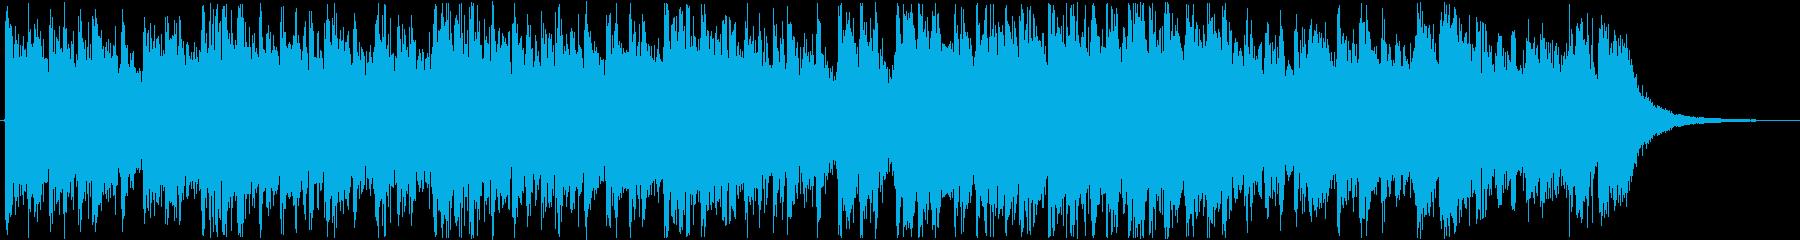 力強い響きがインパクトあるメロディーの再生済みの波形